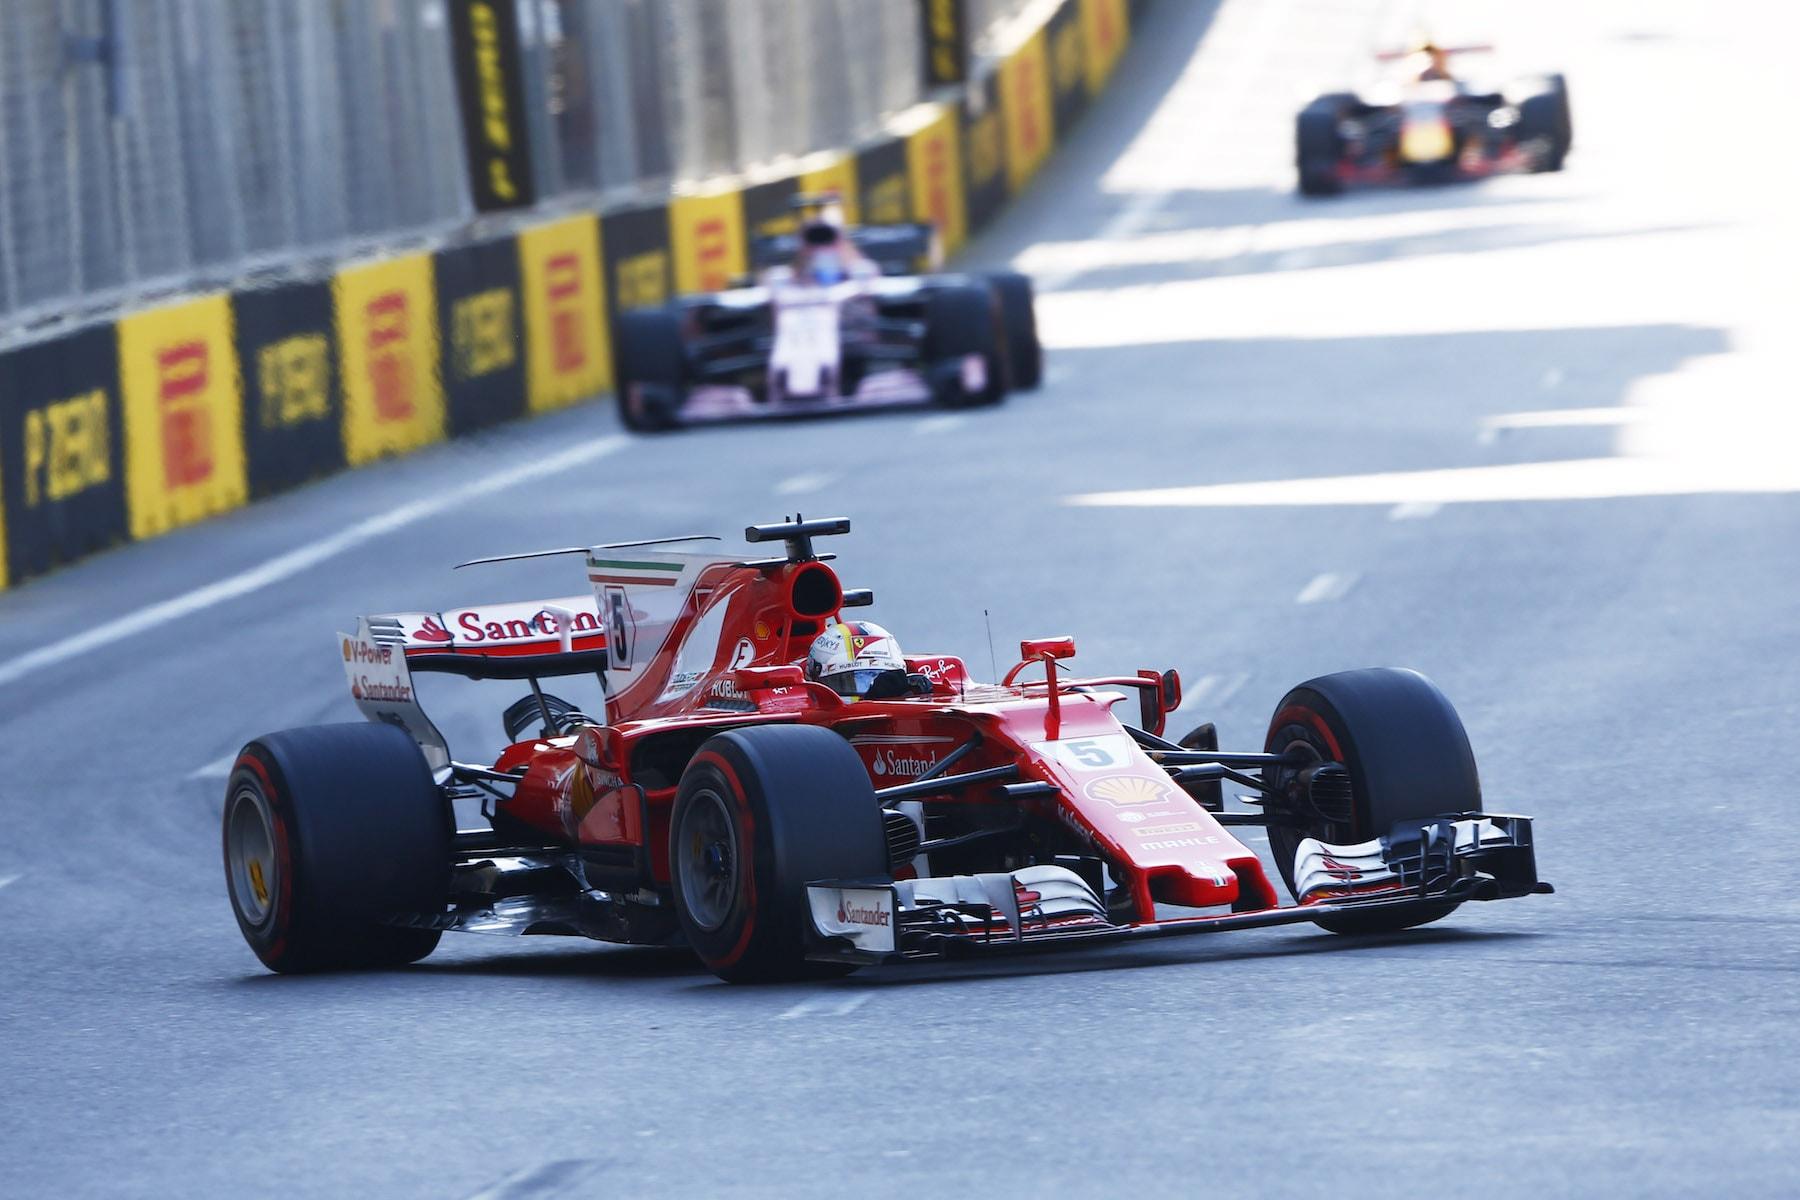 G 2017 Sebastian Vettel | Ferrari SF70H | 2017 Azerbaijan GP P4 1 copy.jpg